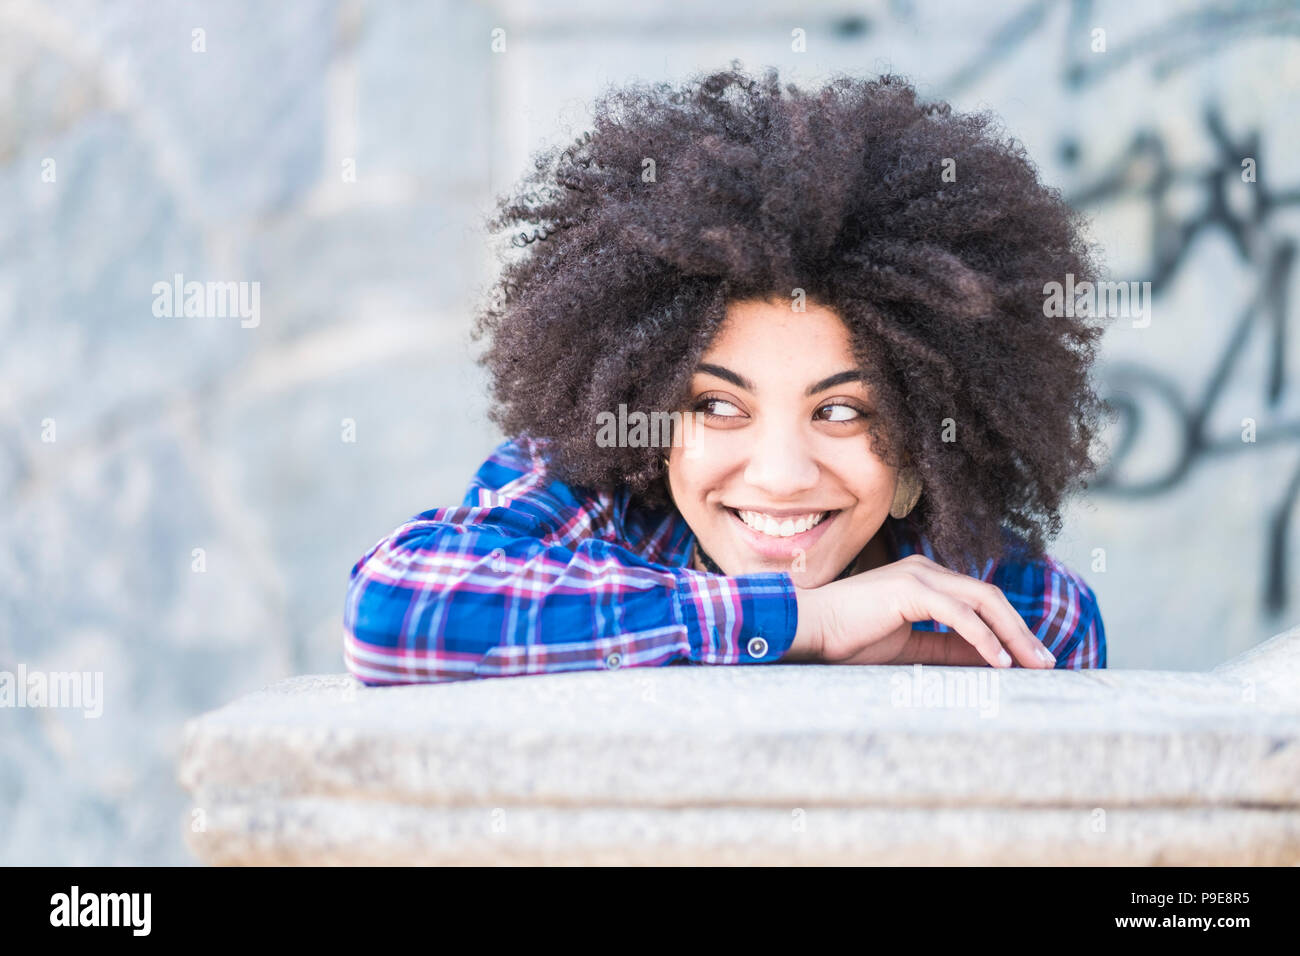 Portrait de race africaine de la peau noire de belle jeune fille souriant et à la recherche à ses côtés. Profitant de l'heure et l'activité de loisirs. Ambiance décontractée et fa Banque D'Images